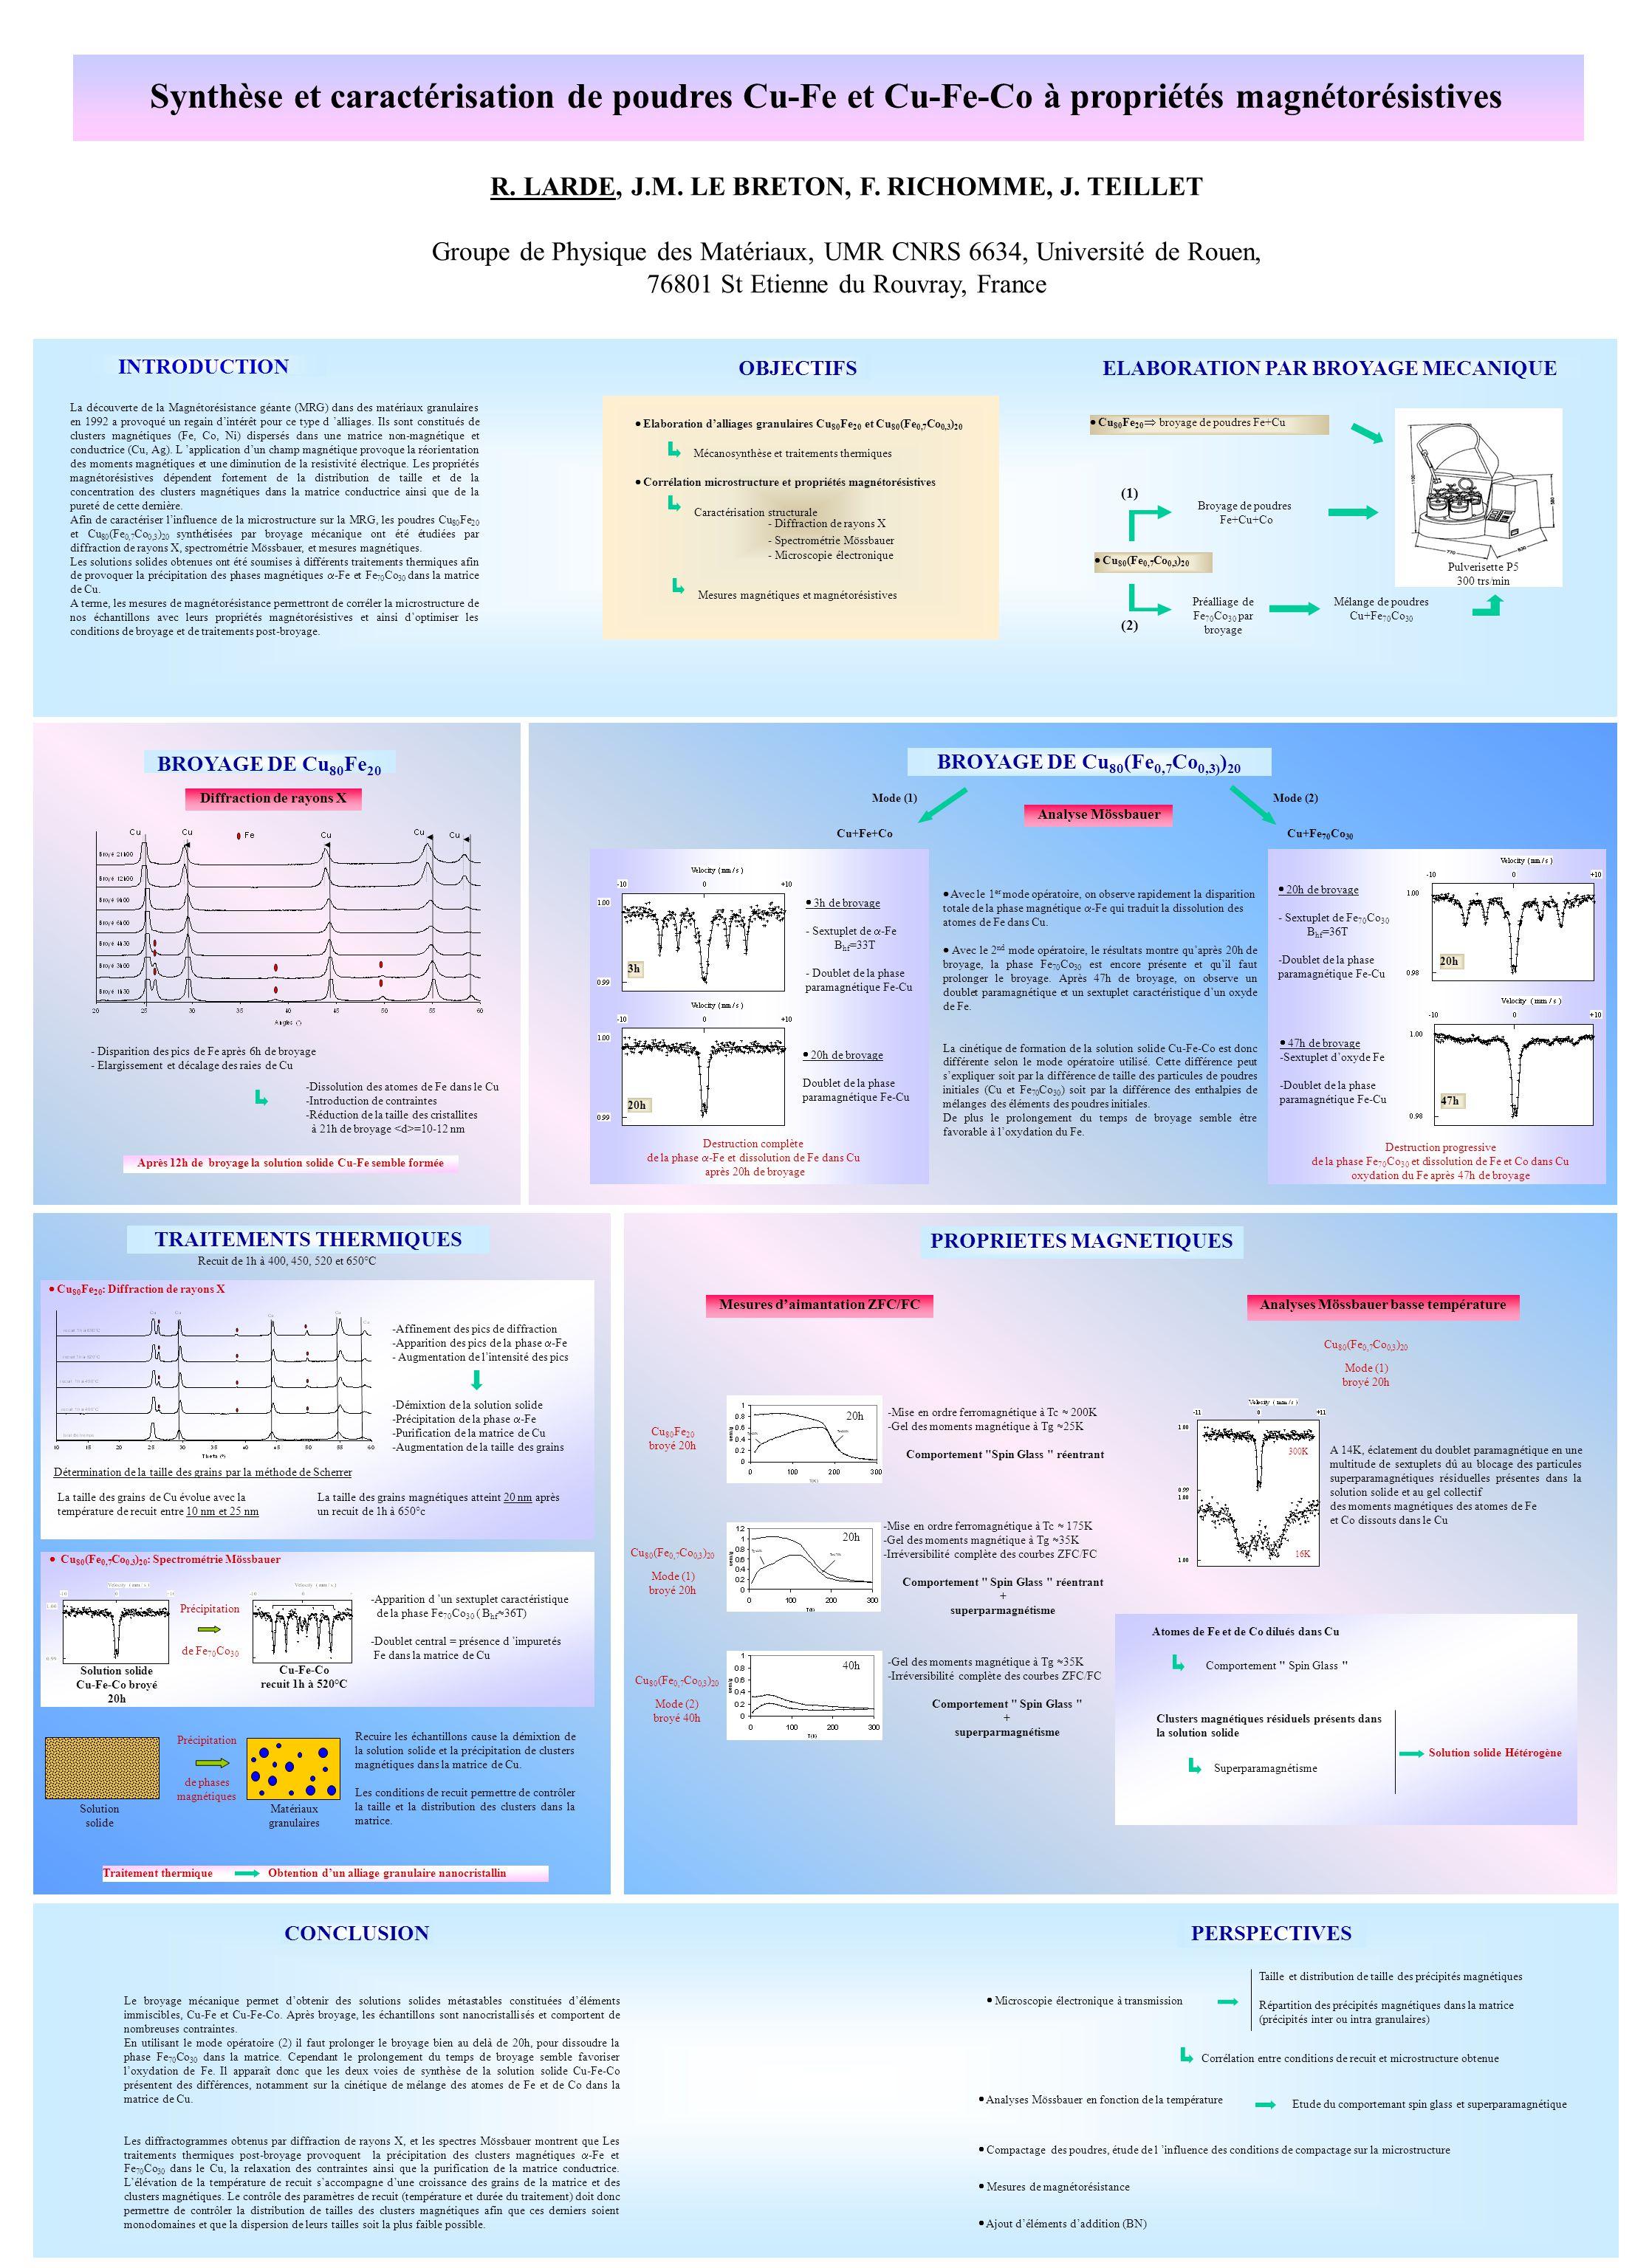 Synthèse et caractérisation de poudres Cu-Fe et Cu-Fe-Co à propriétés magnétorésistives R. LARDE, J.M. LE BRETON, F. RICHOMME, J. TEILLET Groupe de Ph